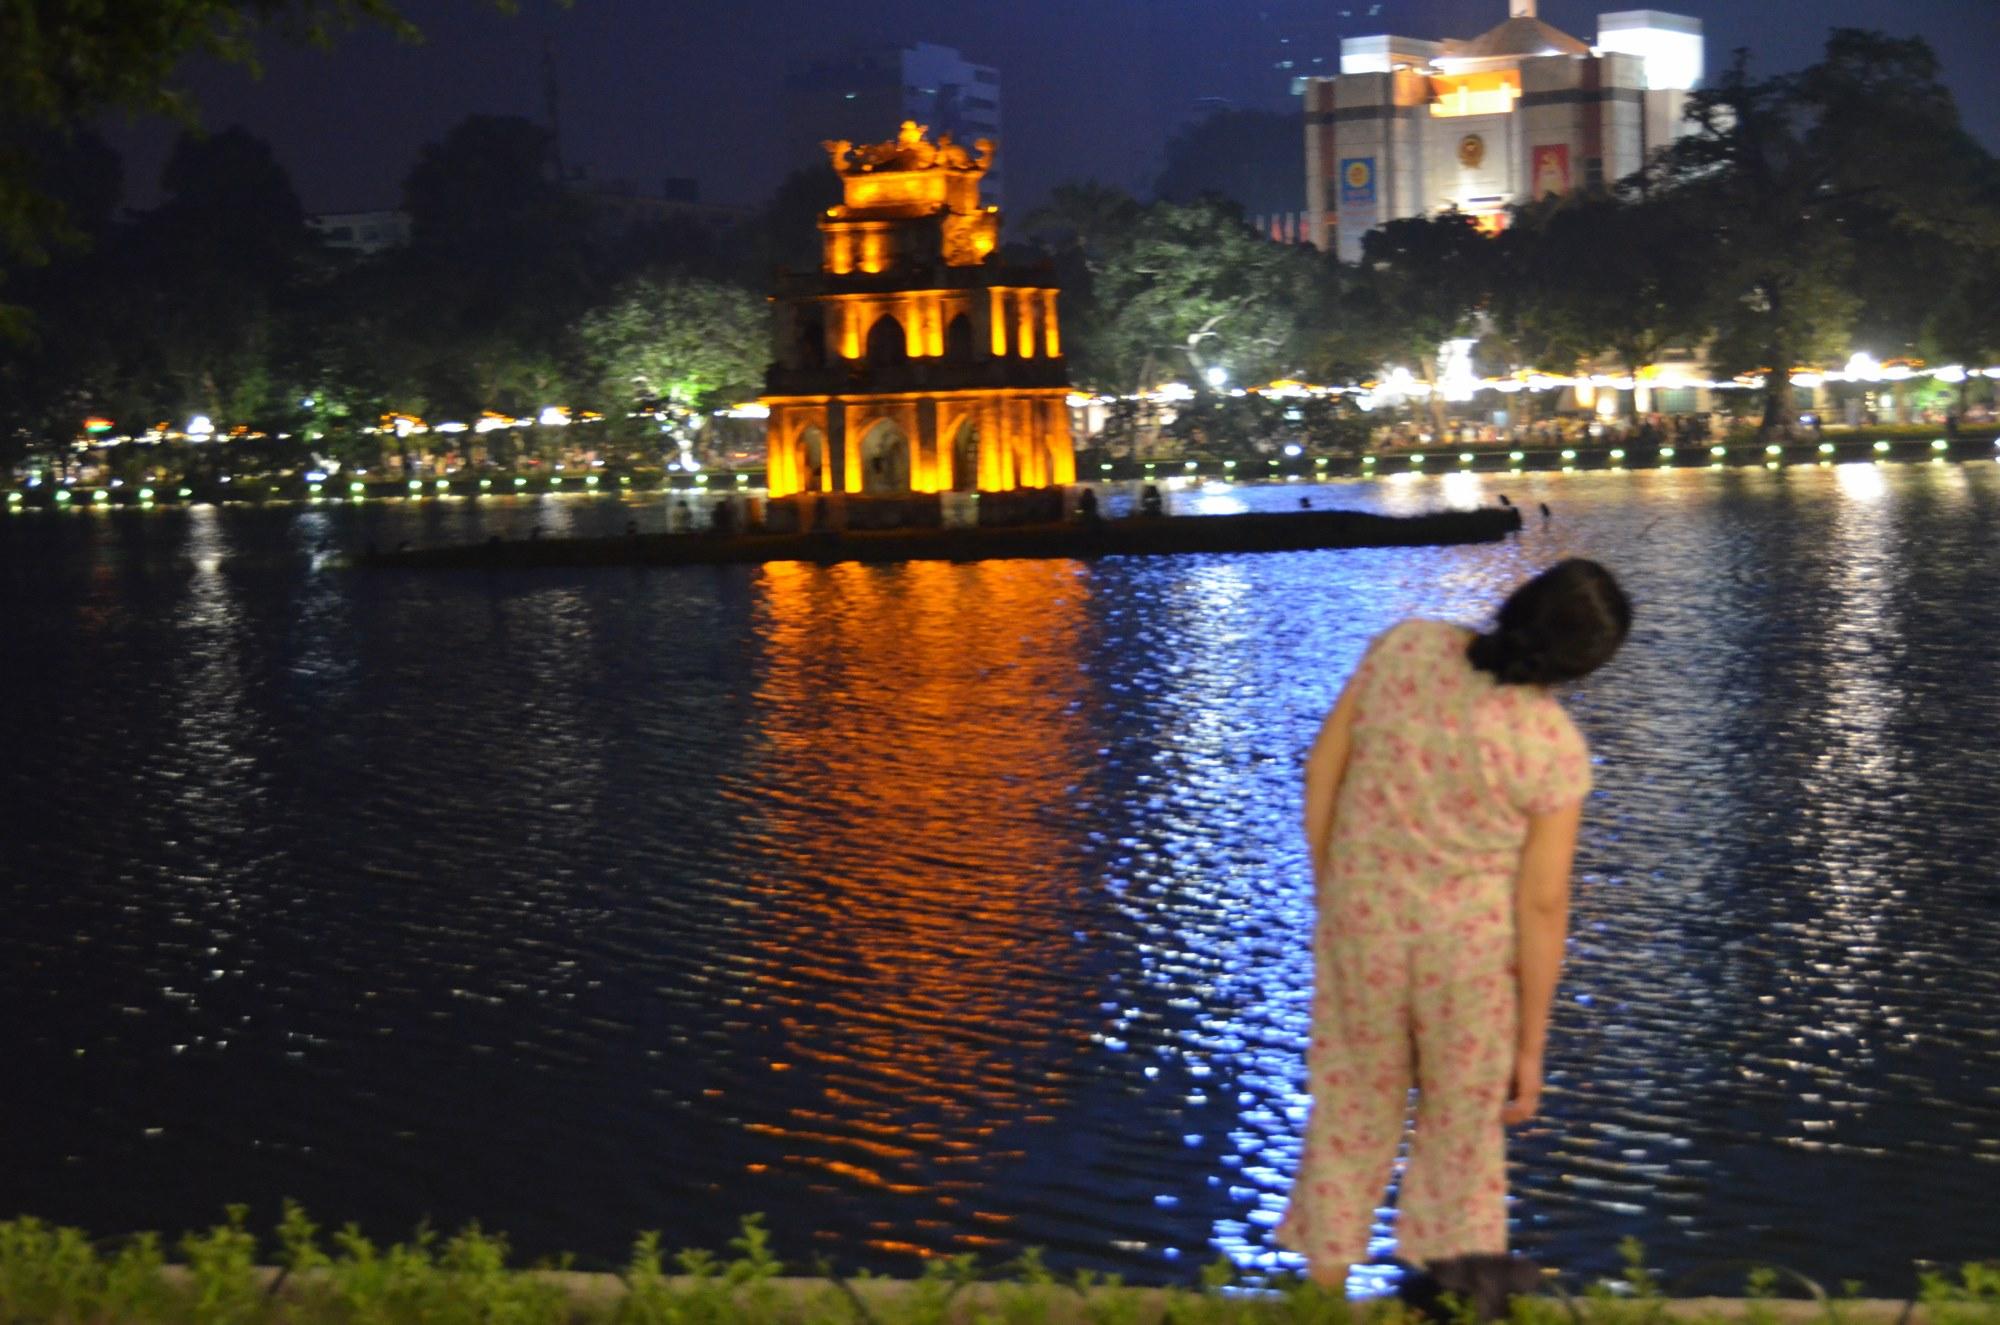 tai chi chuan beira do lagoi noturno noite senhora idosa